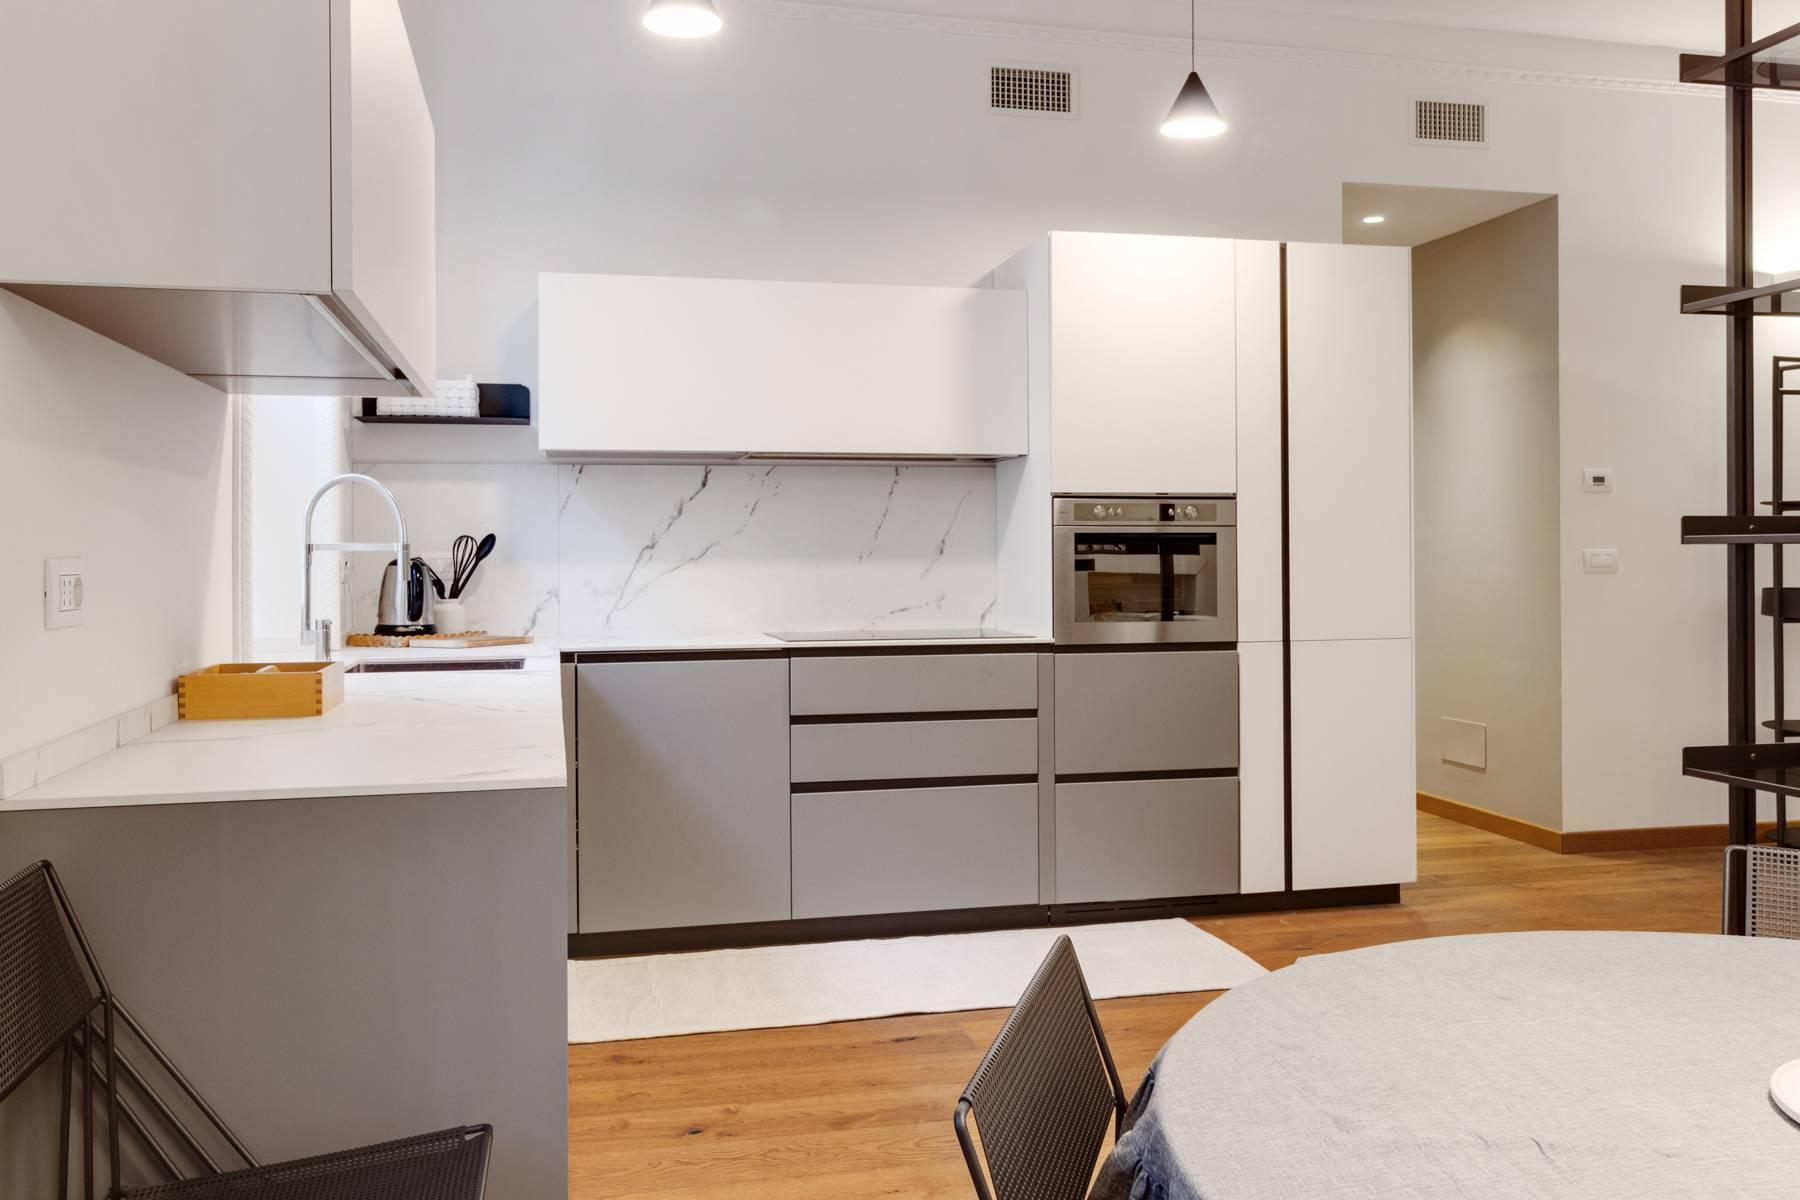 Appartamento in Affitto a Torino: 3 locali, 86 mq - Foto 8